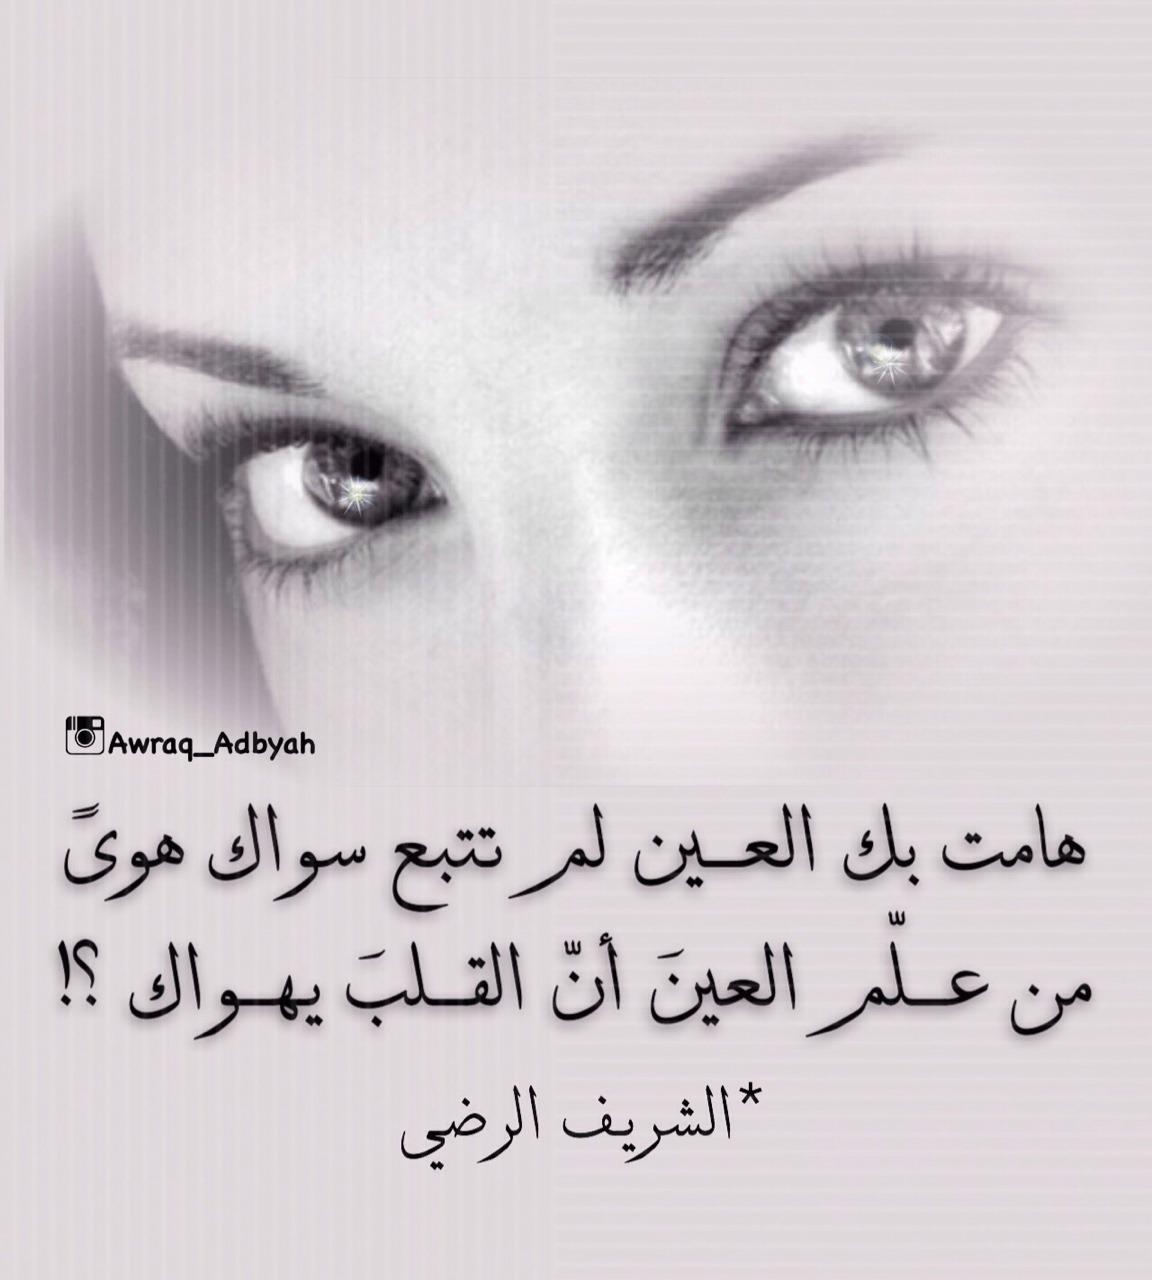 صورة شعر عن العيون , اجمل كلمات عن جمال وسحر العين